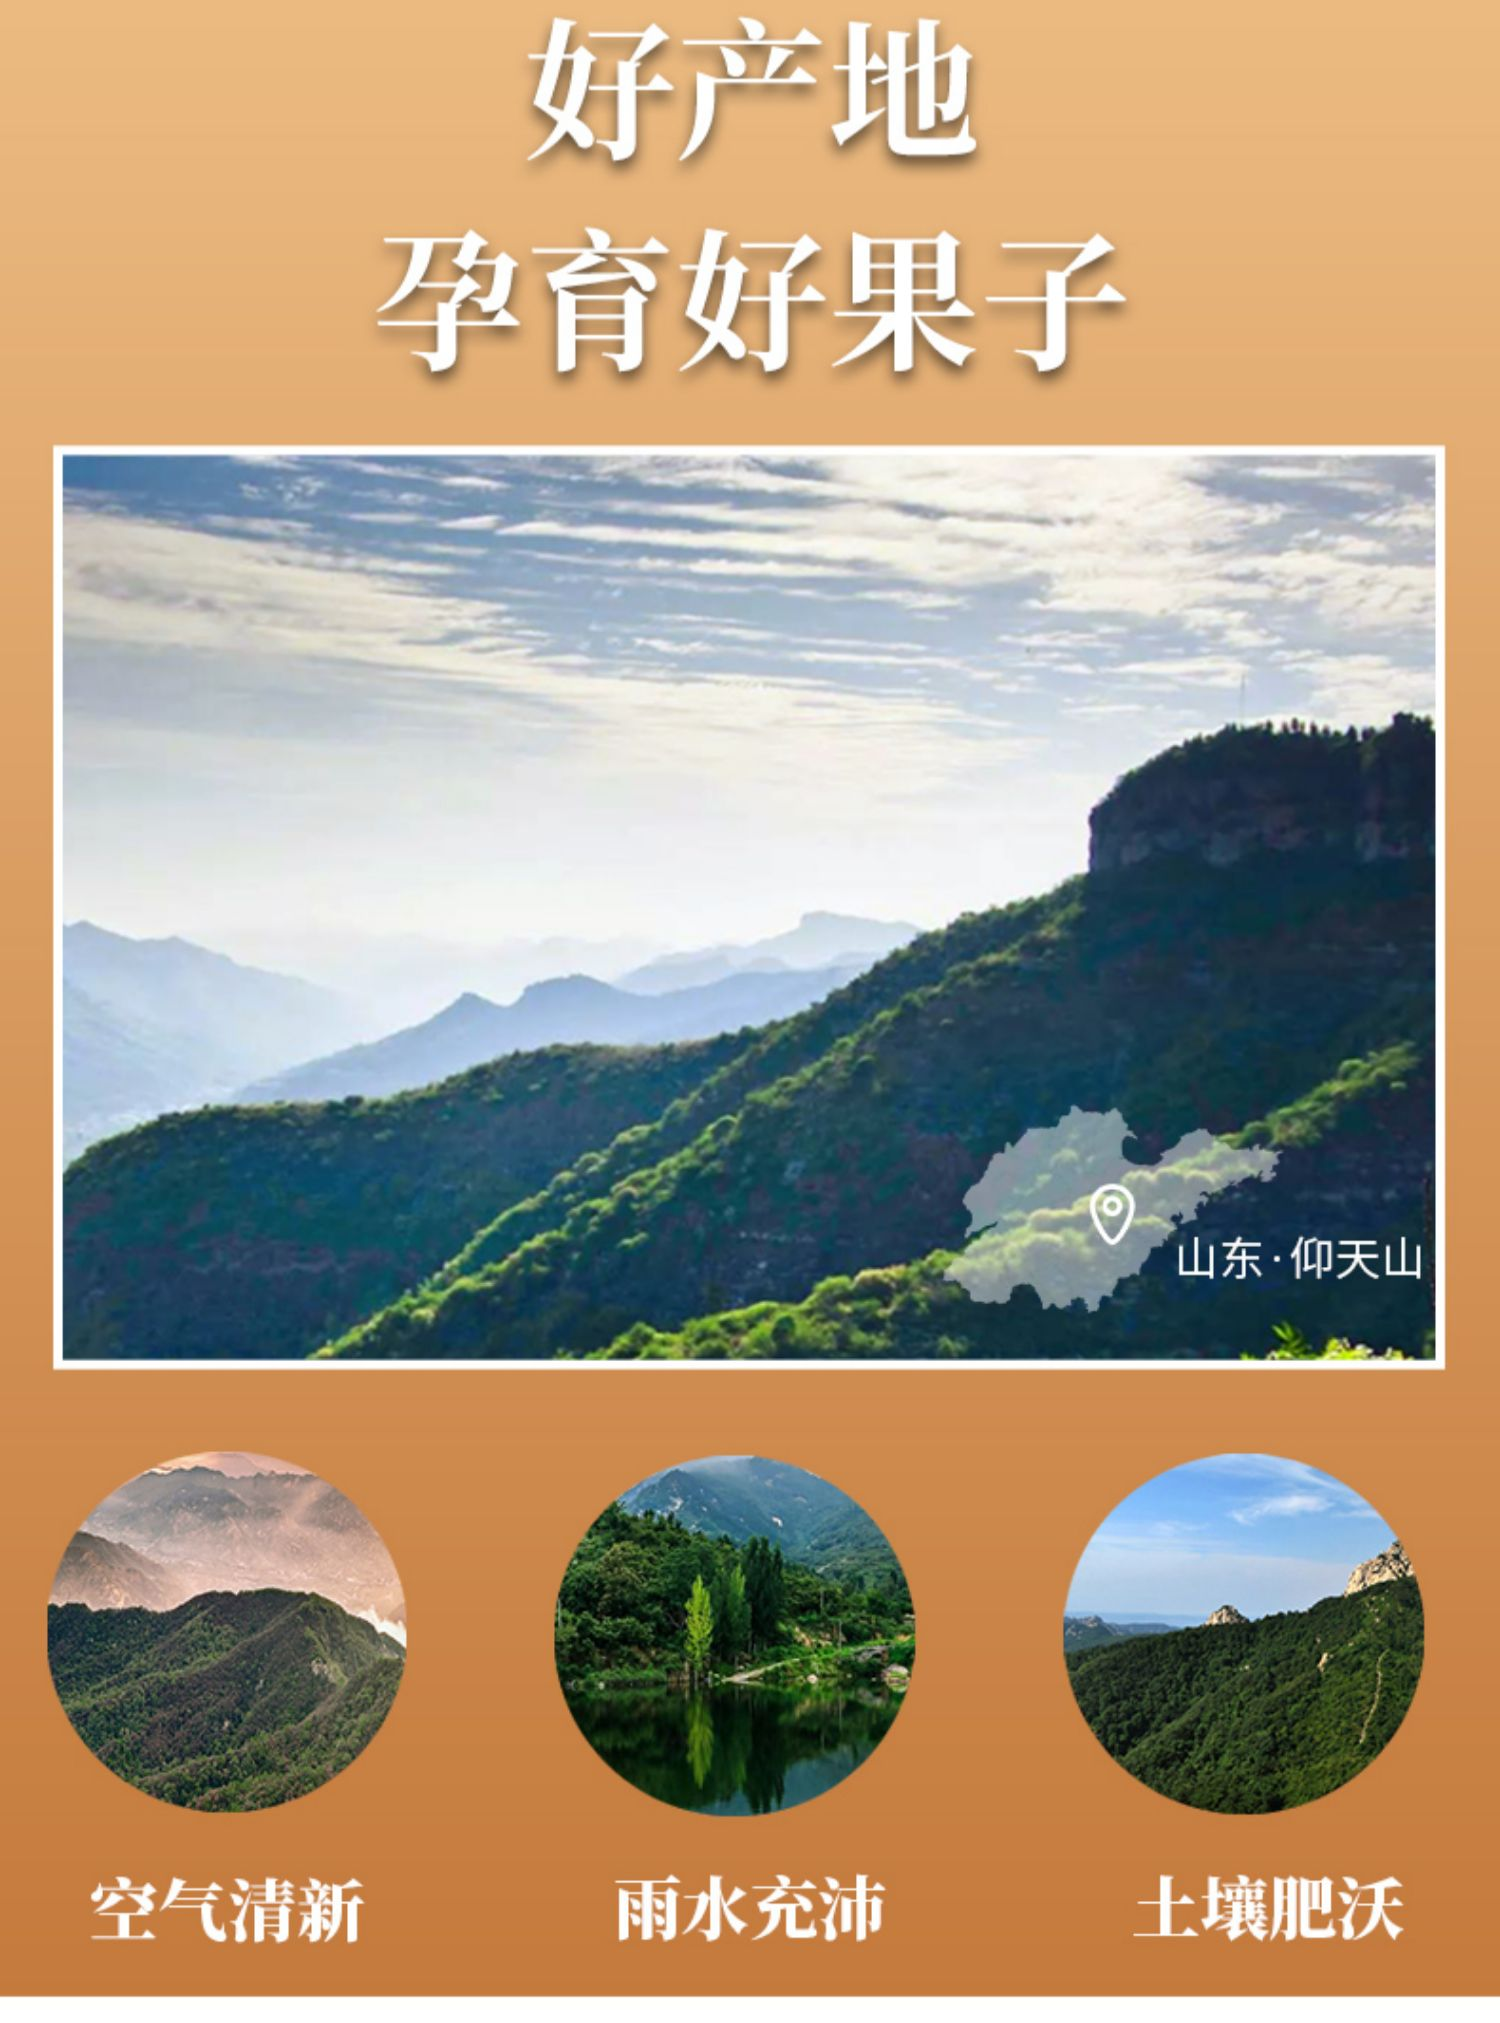 国丰桑葚陈皮山楂条2包